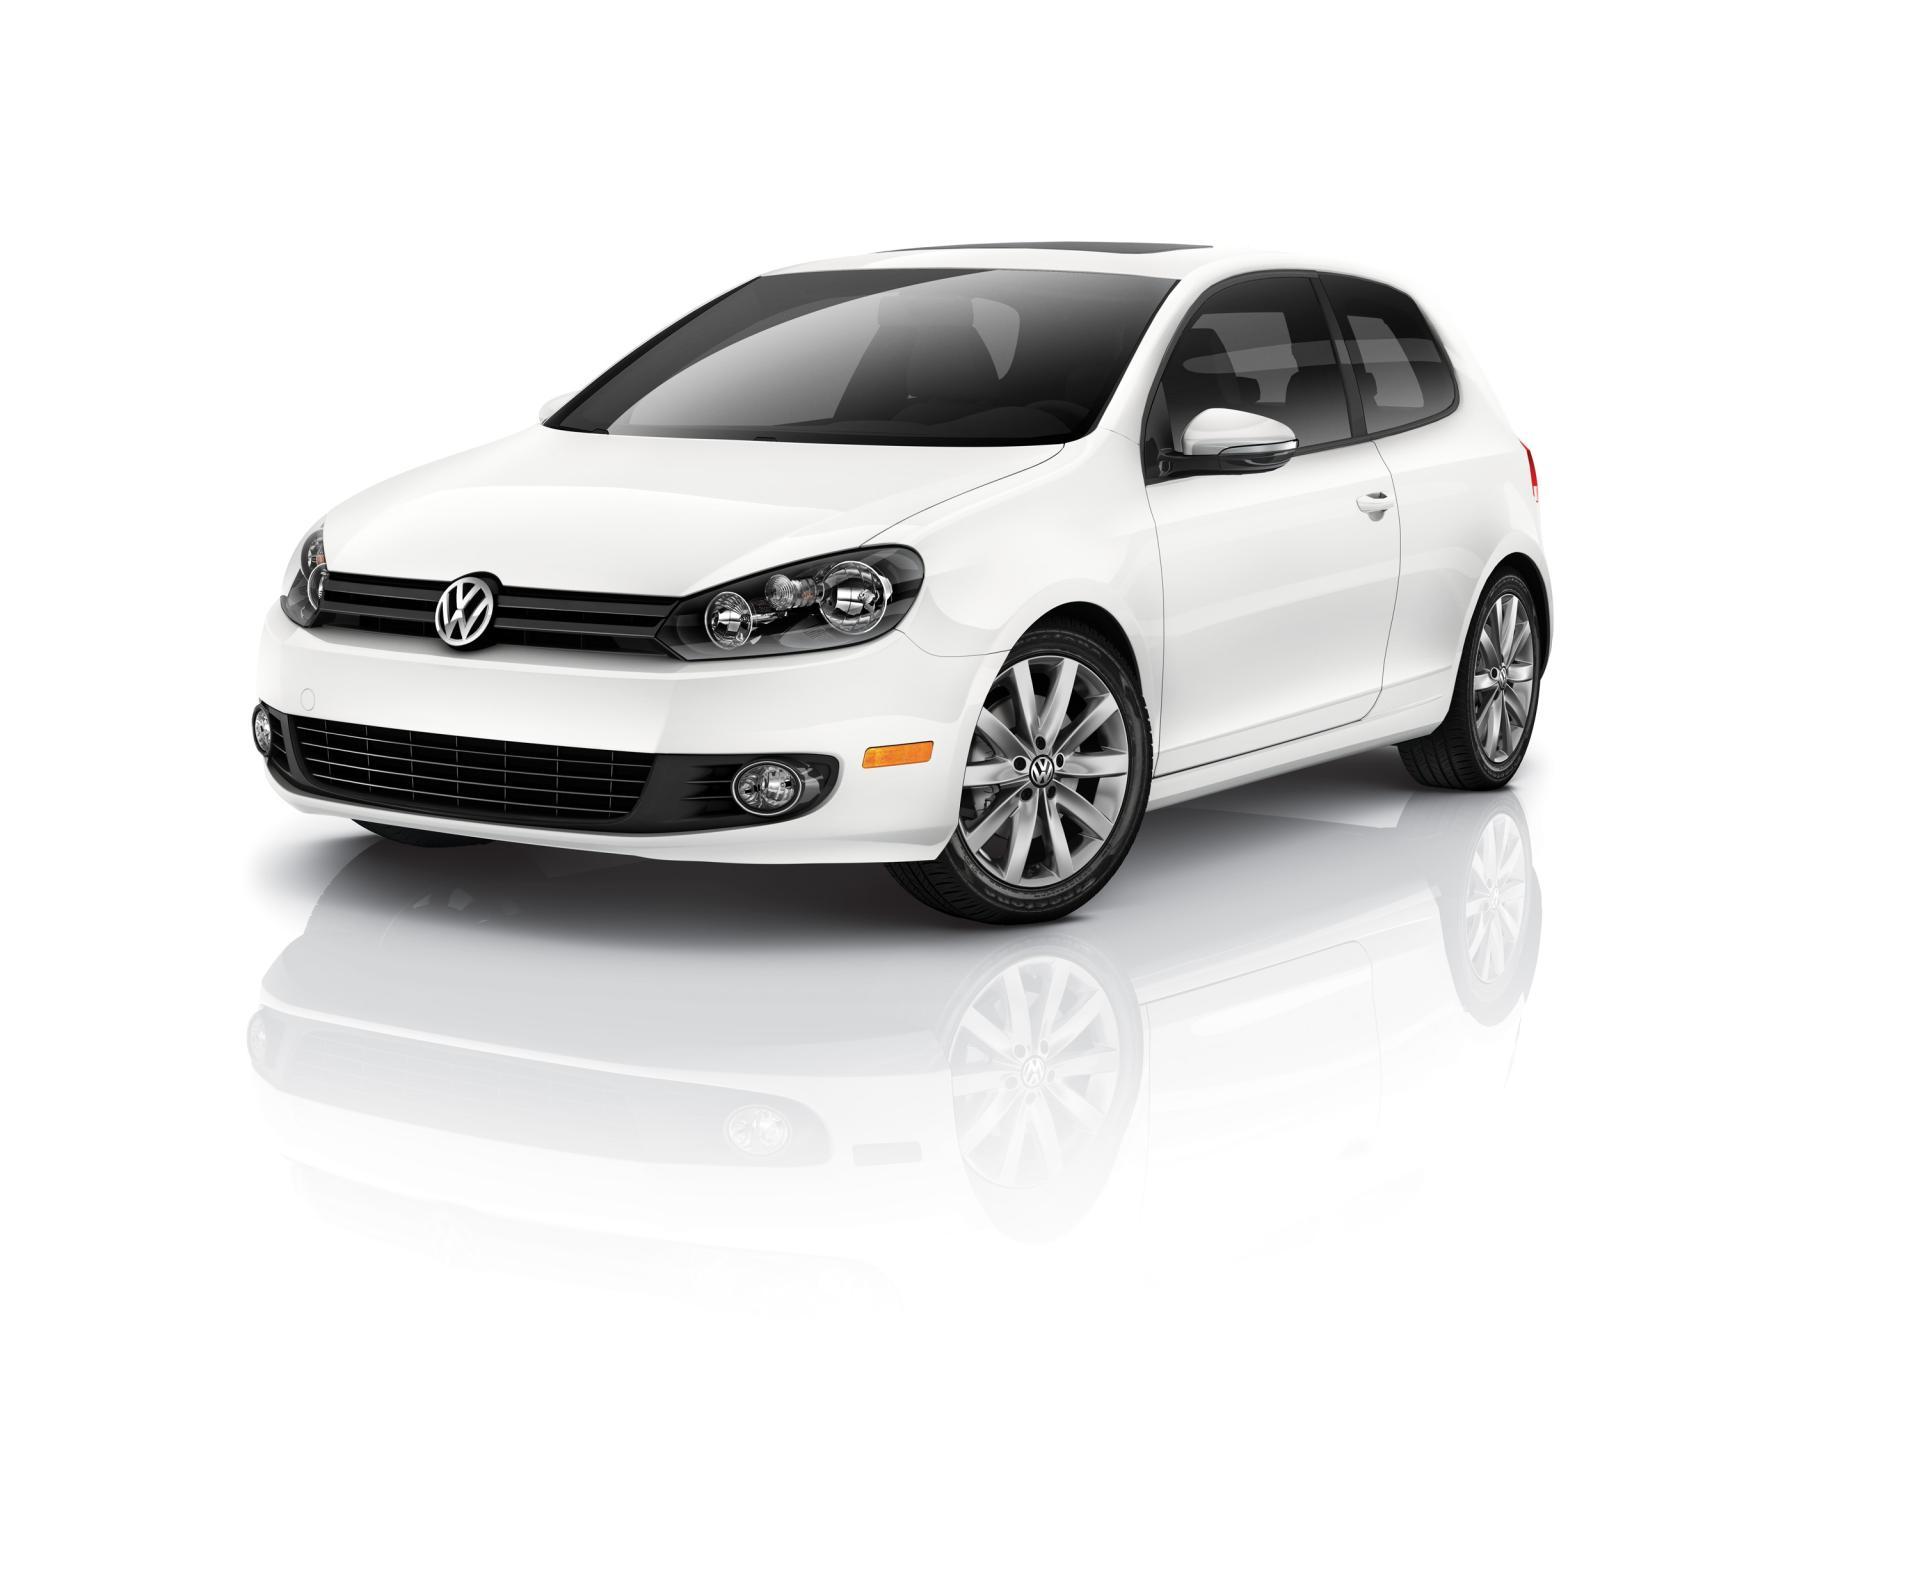 Volkswagen Golf 2012 2012 Volkswagen Golf Image